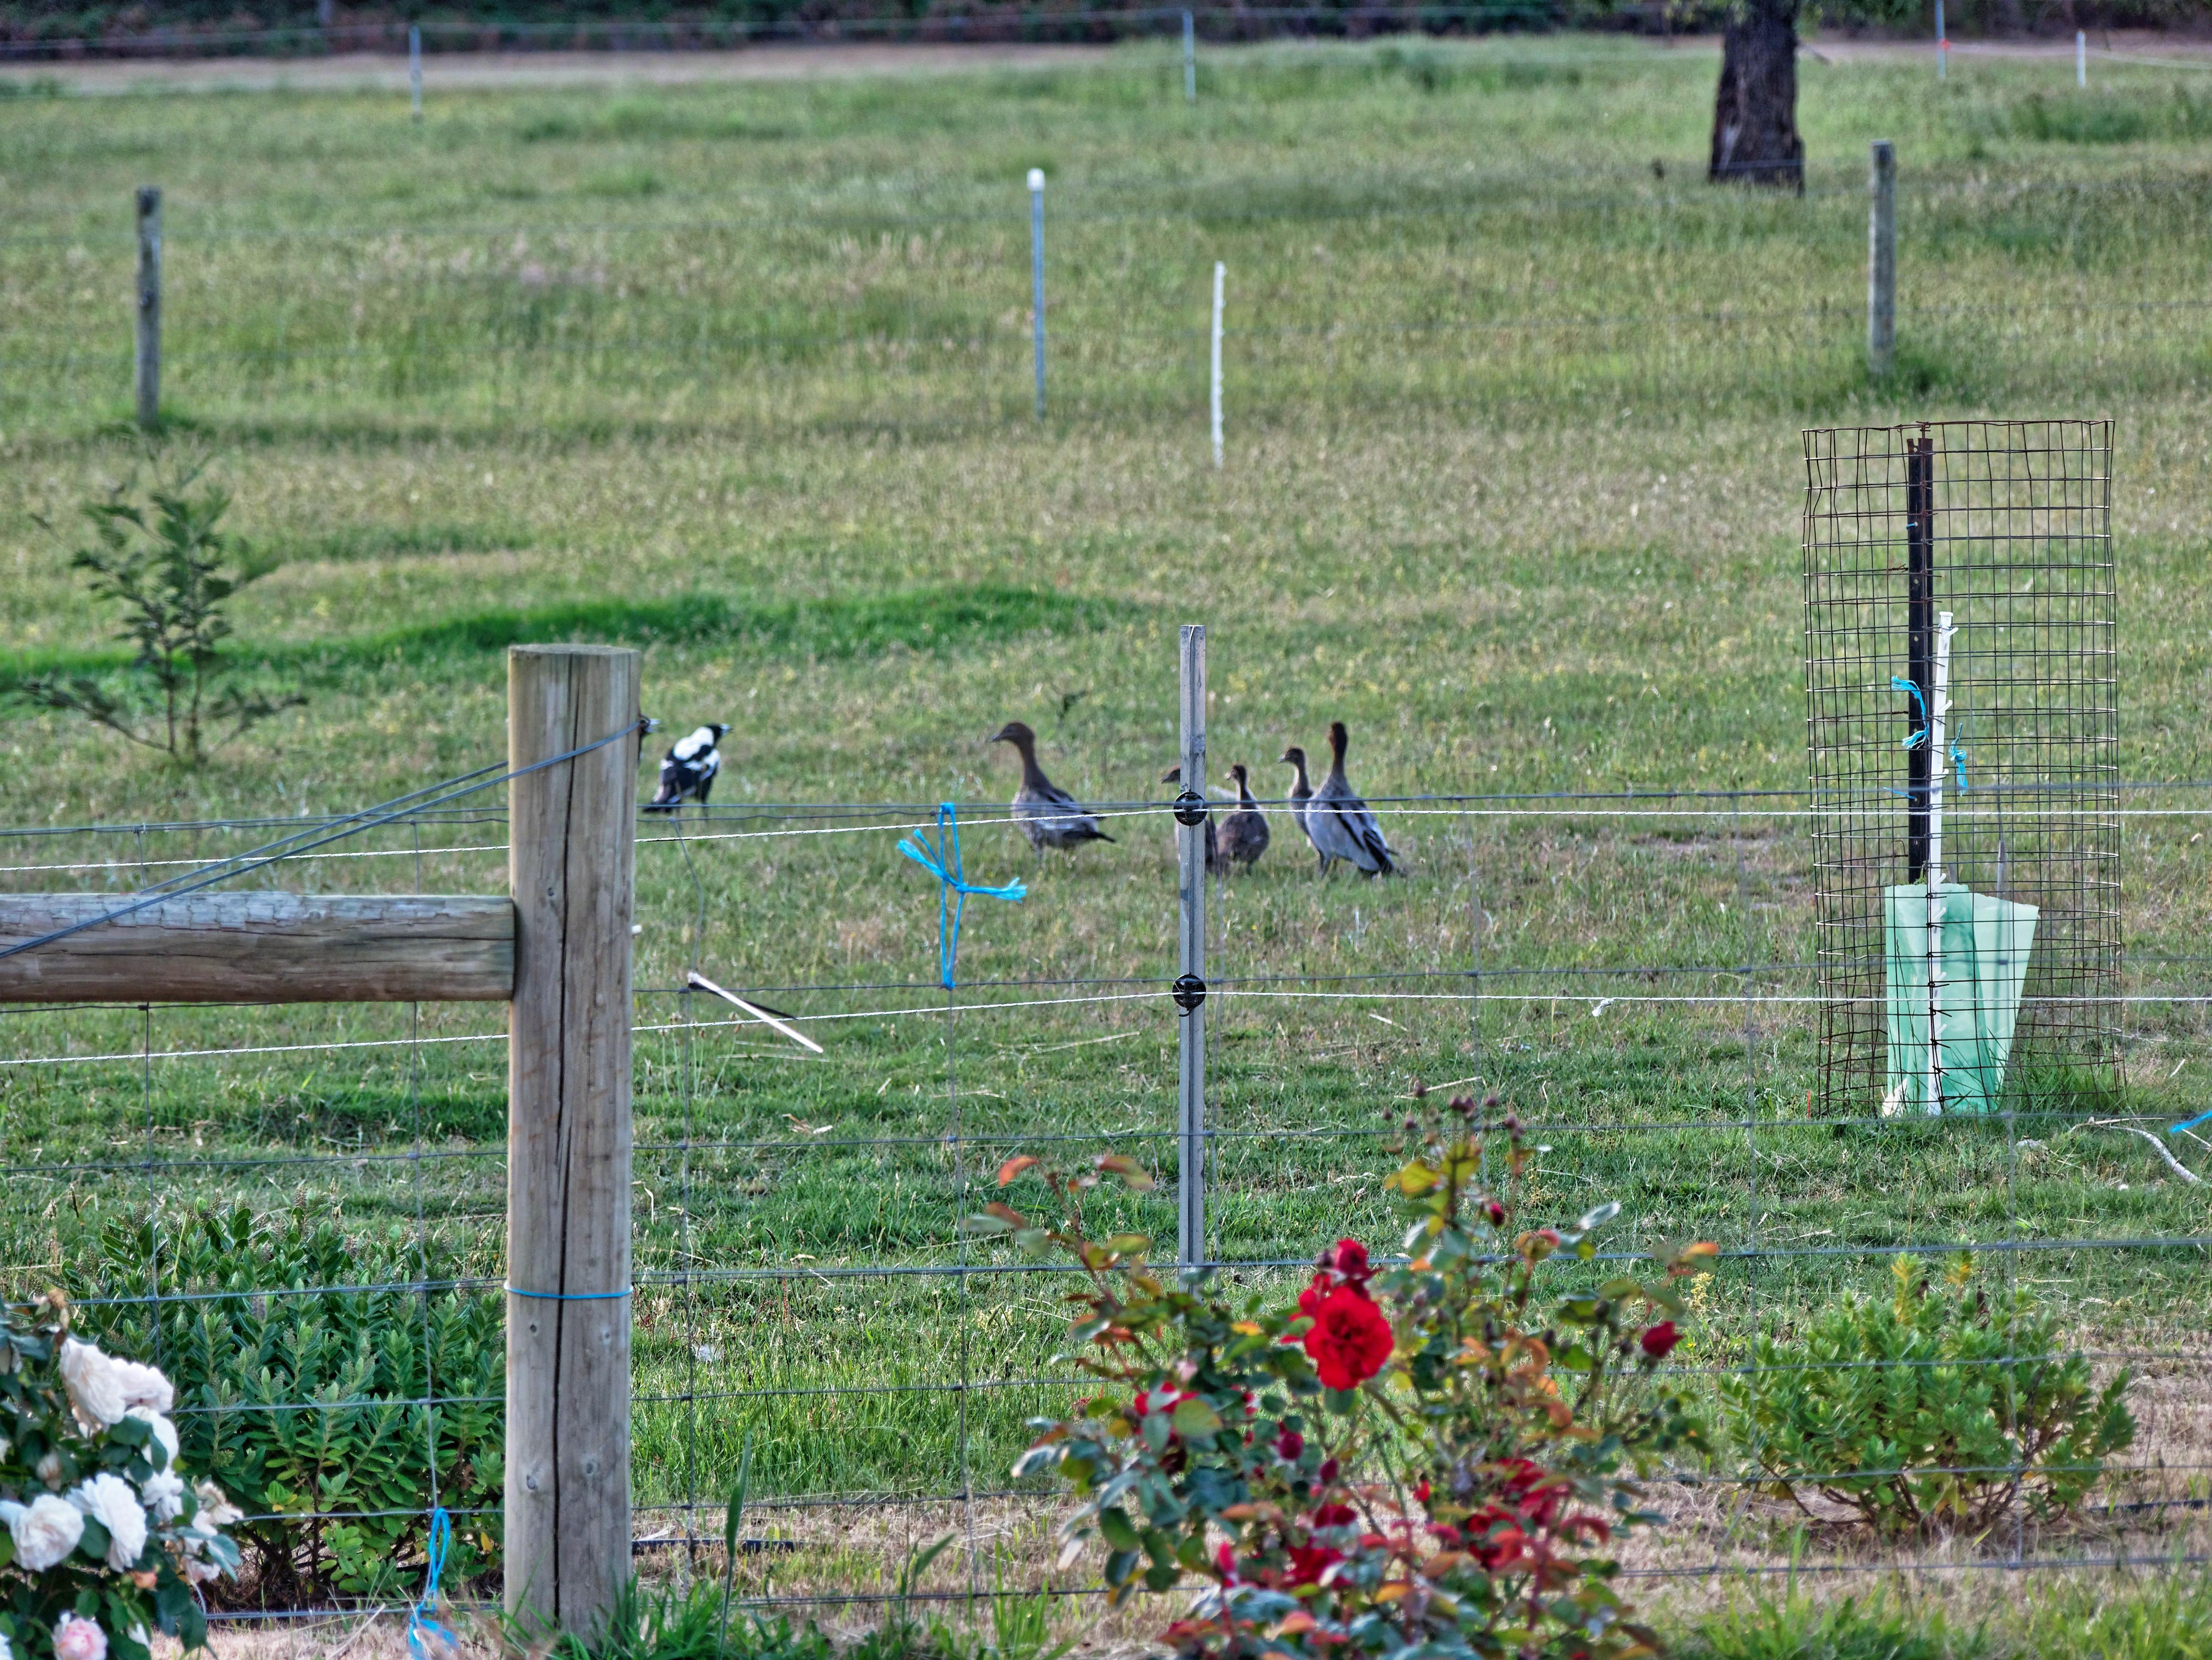 Magpies-and-ducks-11.jpeg